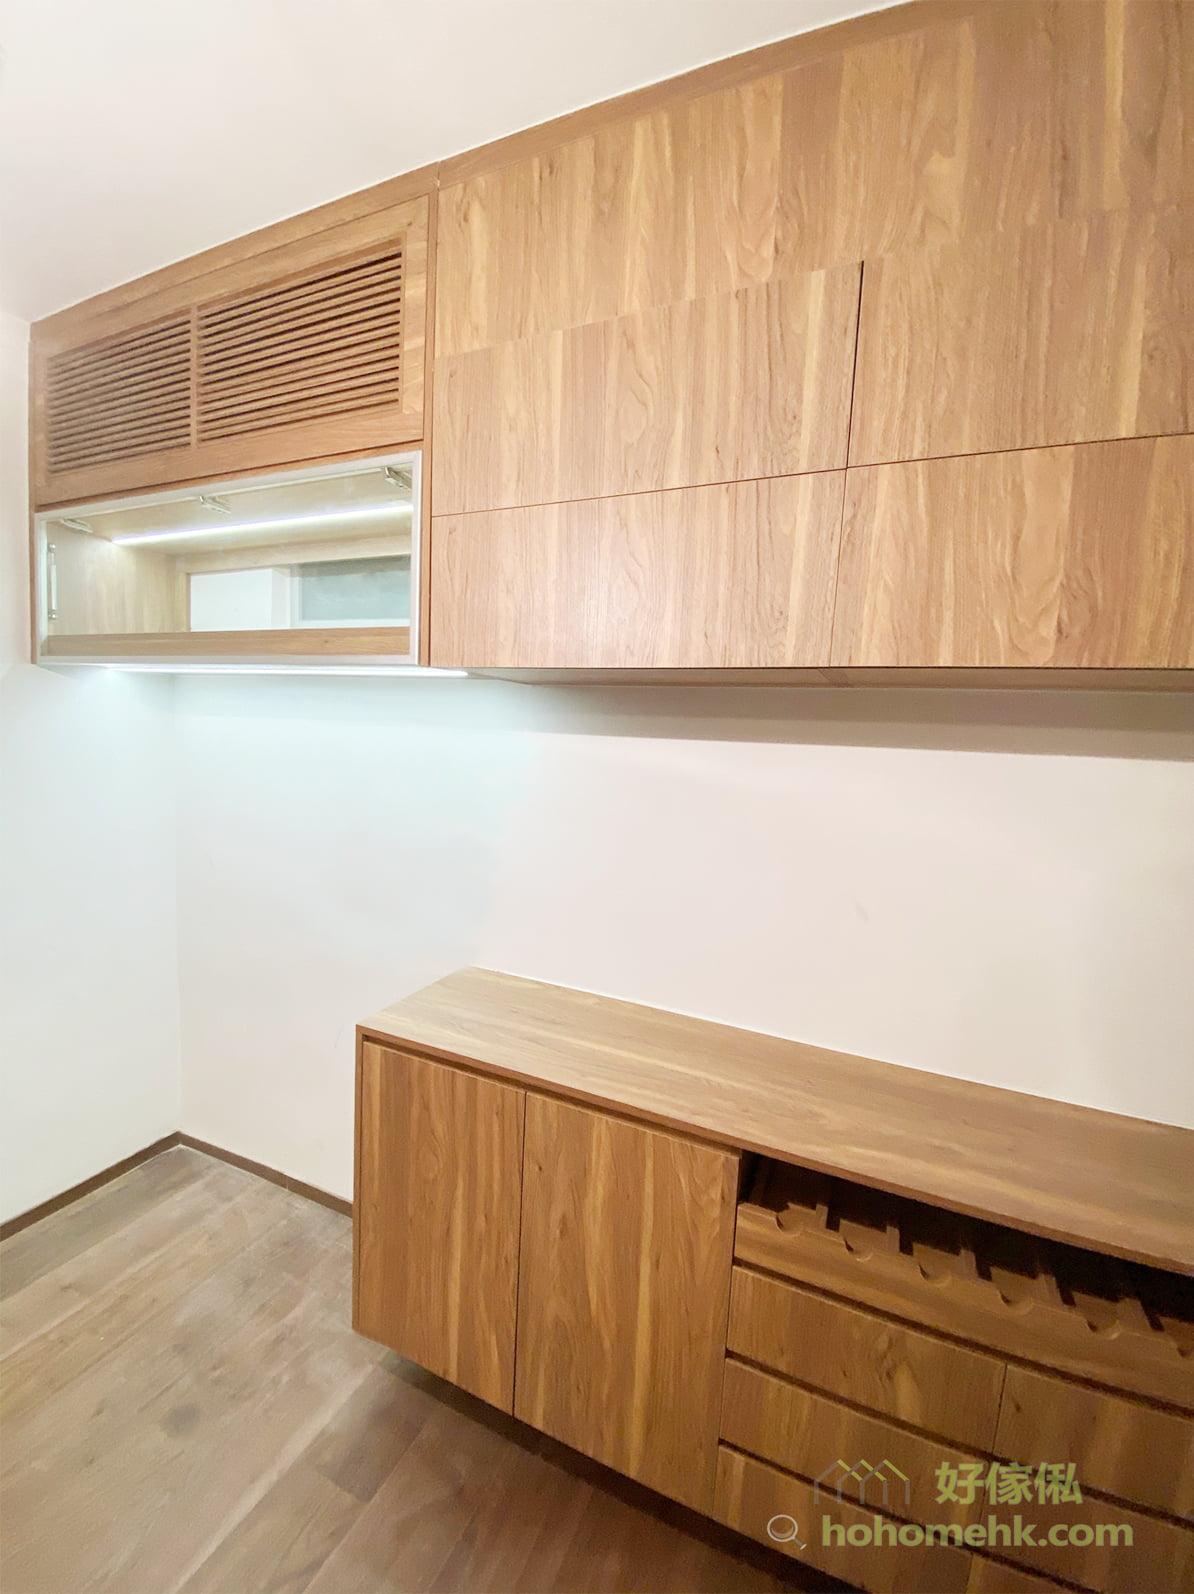 餐邊櫃櫃面是個非常好用的平台,很多人都會擺放熱水壺、咖啡機、多士爐、紙巾盒、水果籃、牙籤筒等物品,充當一個迷你水吧,直接在餐枱已經可以準備到簡單的早餐、茶點